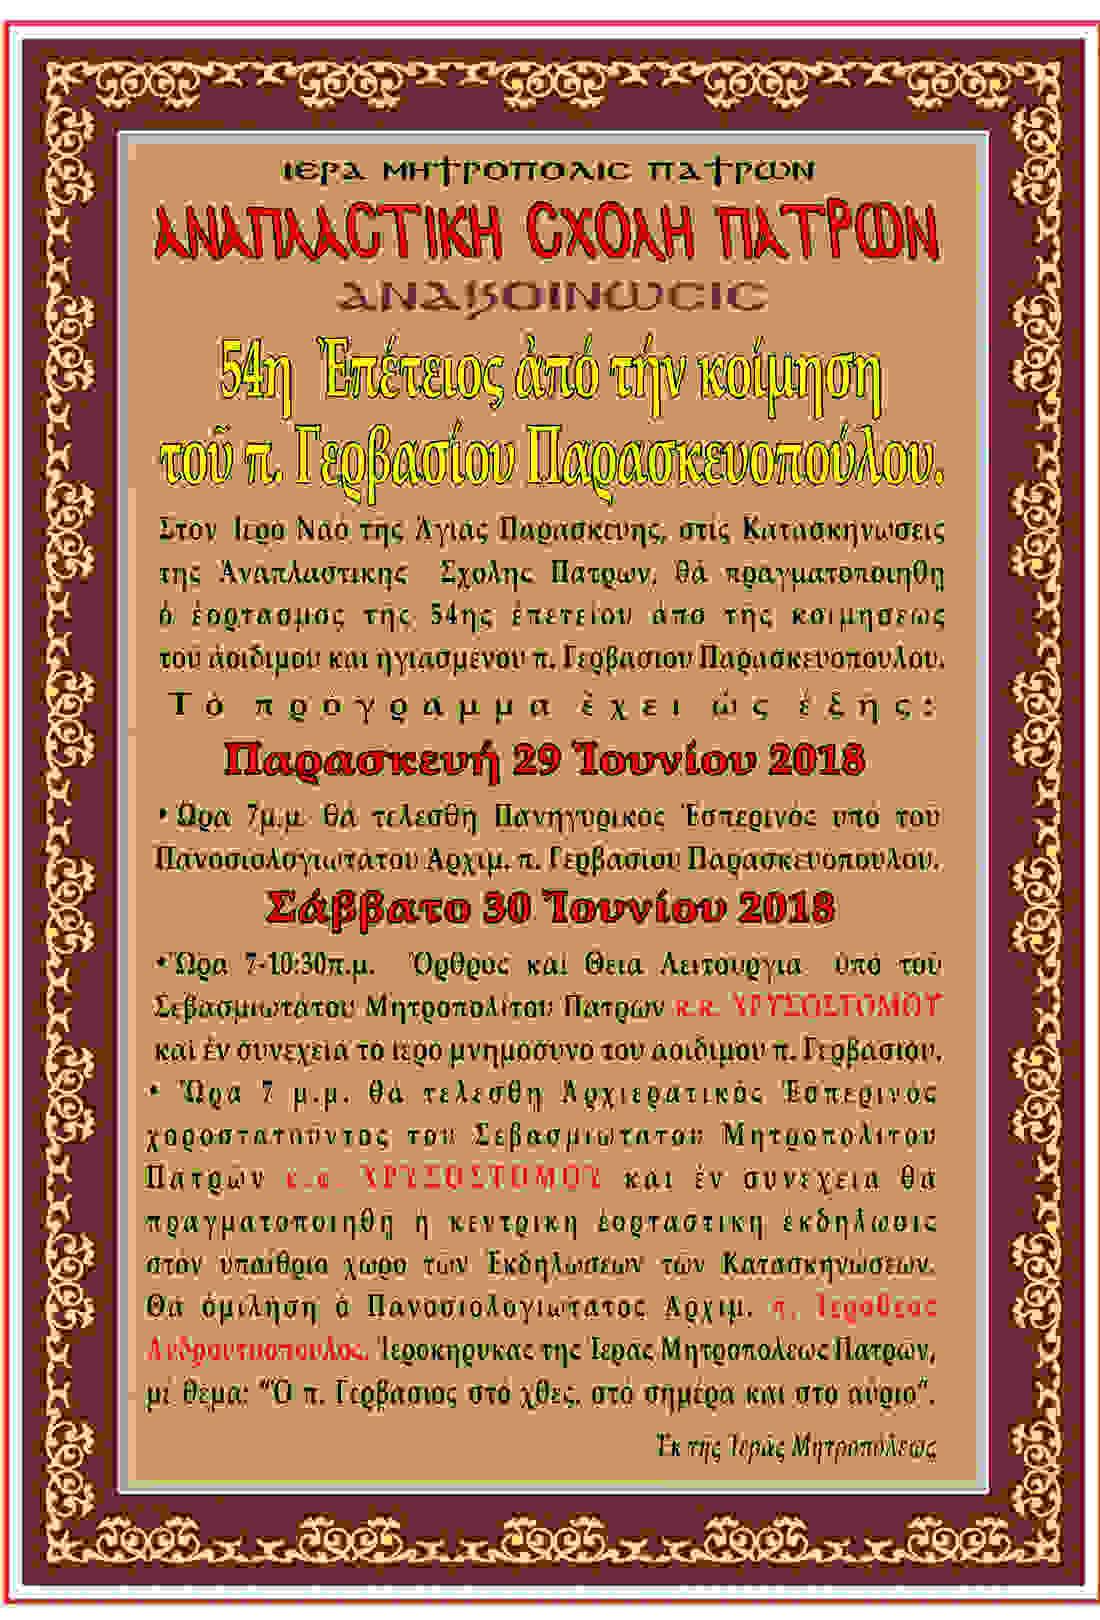 54η Ἐπέτειος ἀπό τήν κοίμηση τοῦ π. Γερβασίου Παρασκευοπούλου.